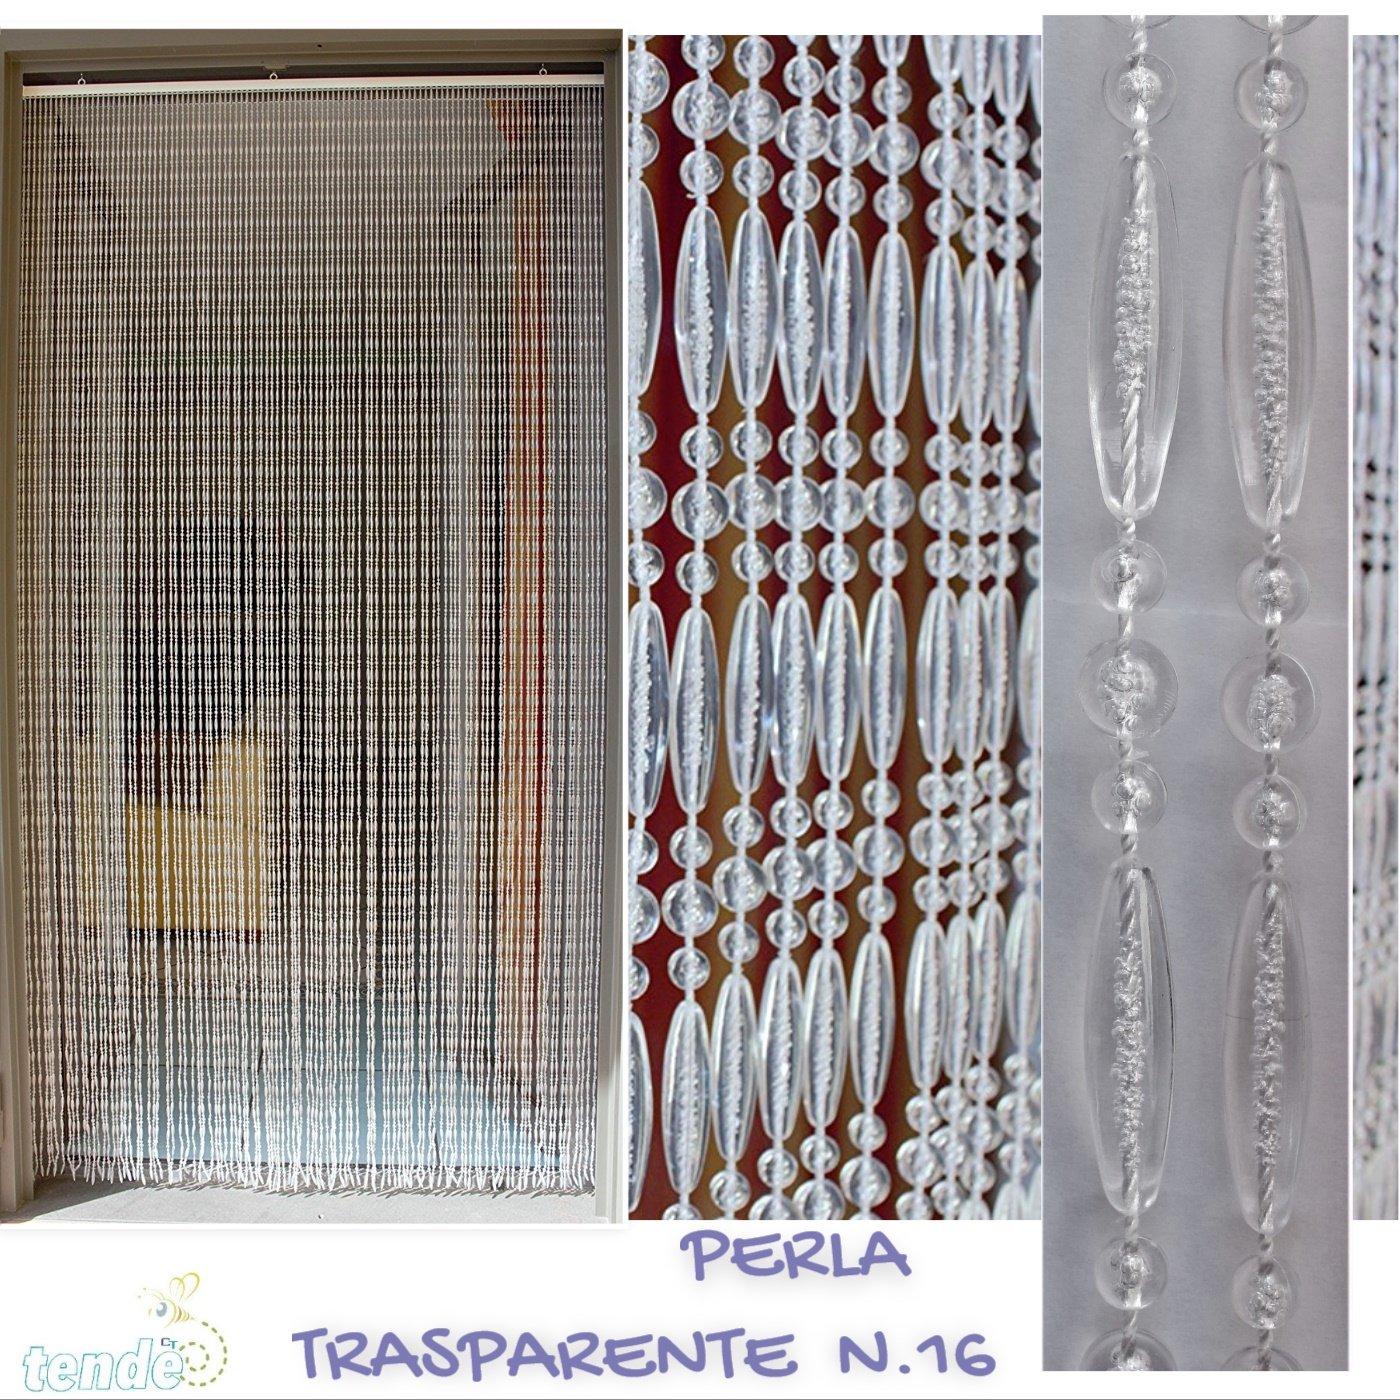 PVC-Türvorhänge Modell Perla - Eichmaß 100X220   120X230   130X240   150X250 - Fliegenvorhang - Kunststoff-Vorhänge (120X230, Transparent weiß)